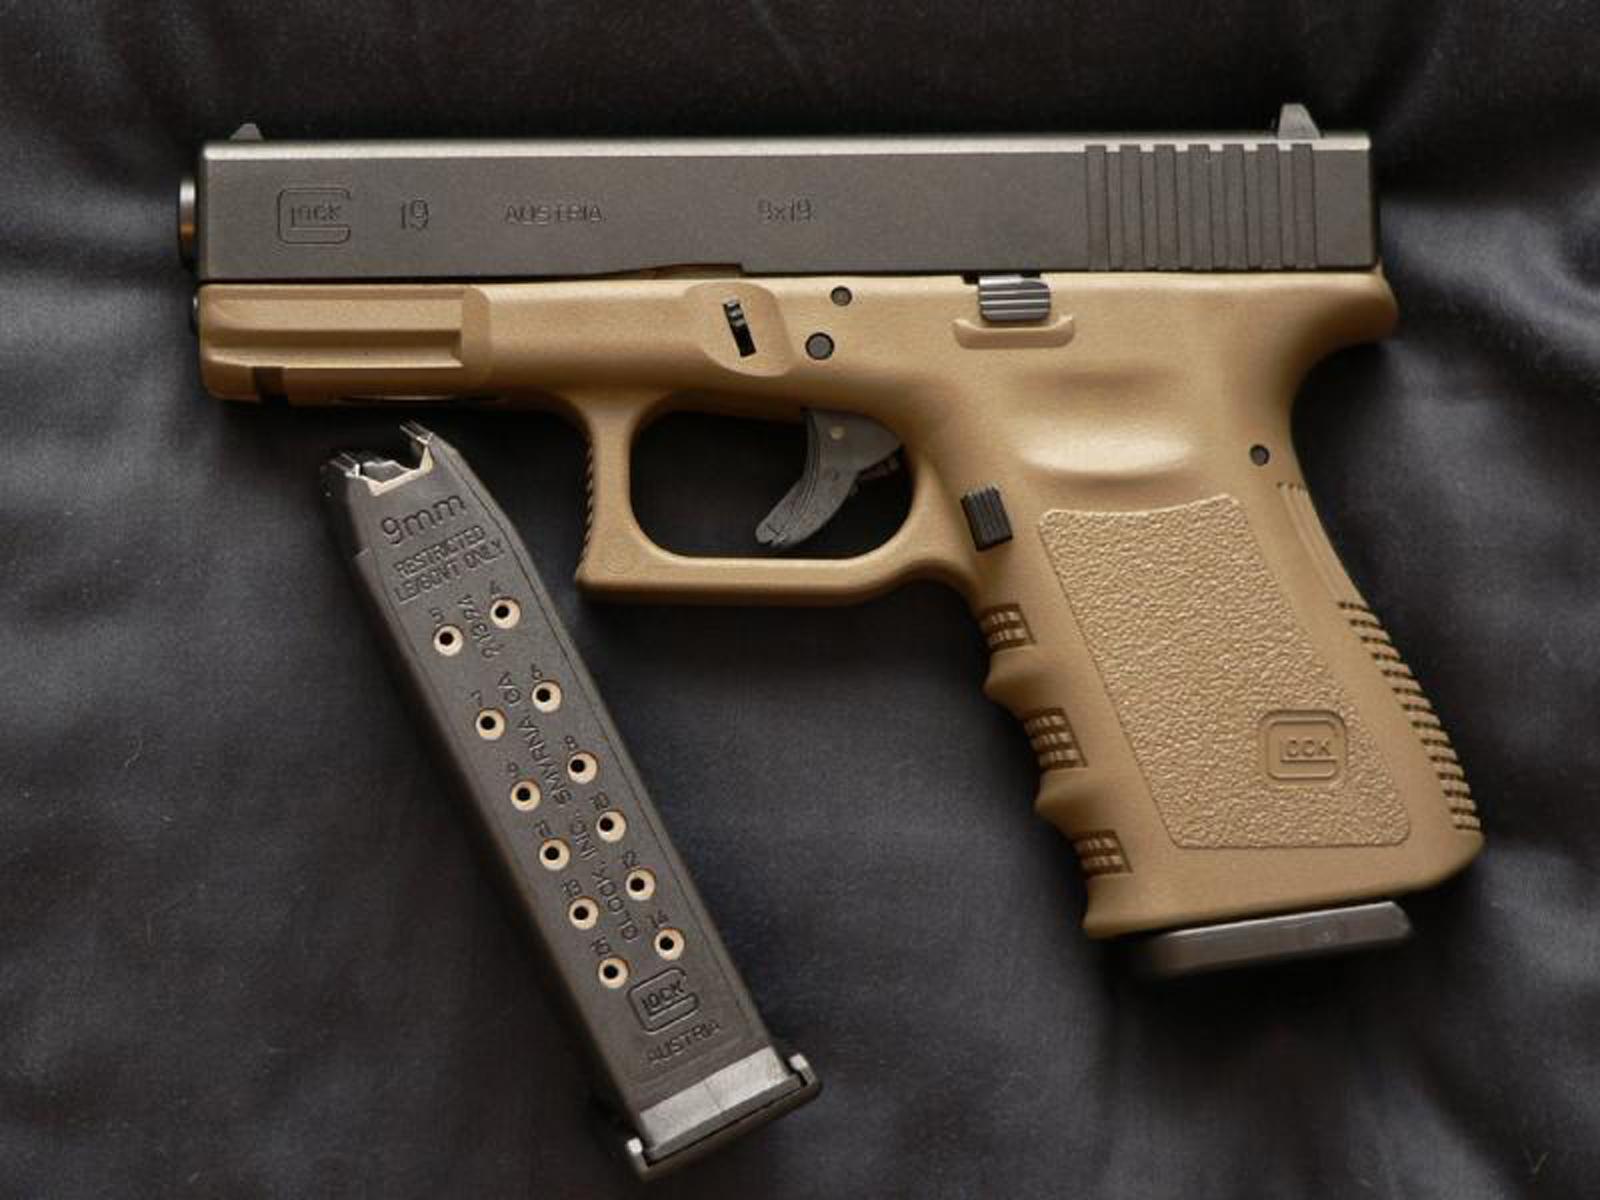 Glock 19 Wallpaper Desktop - WallpaperSafari